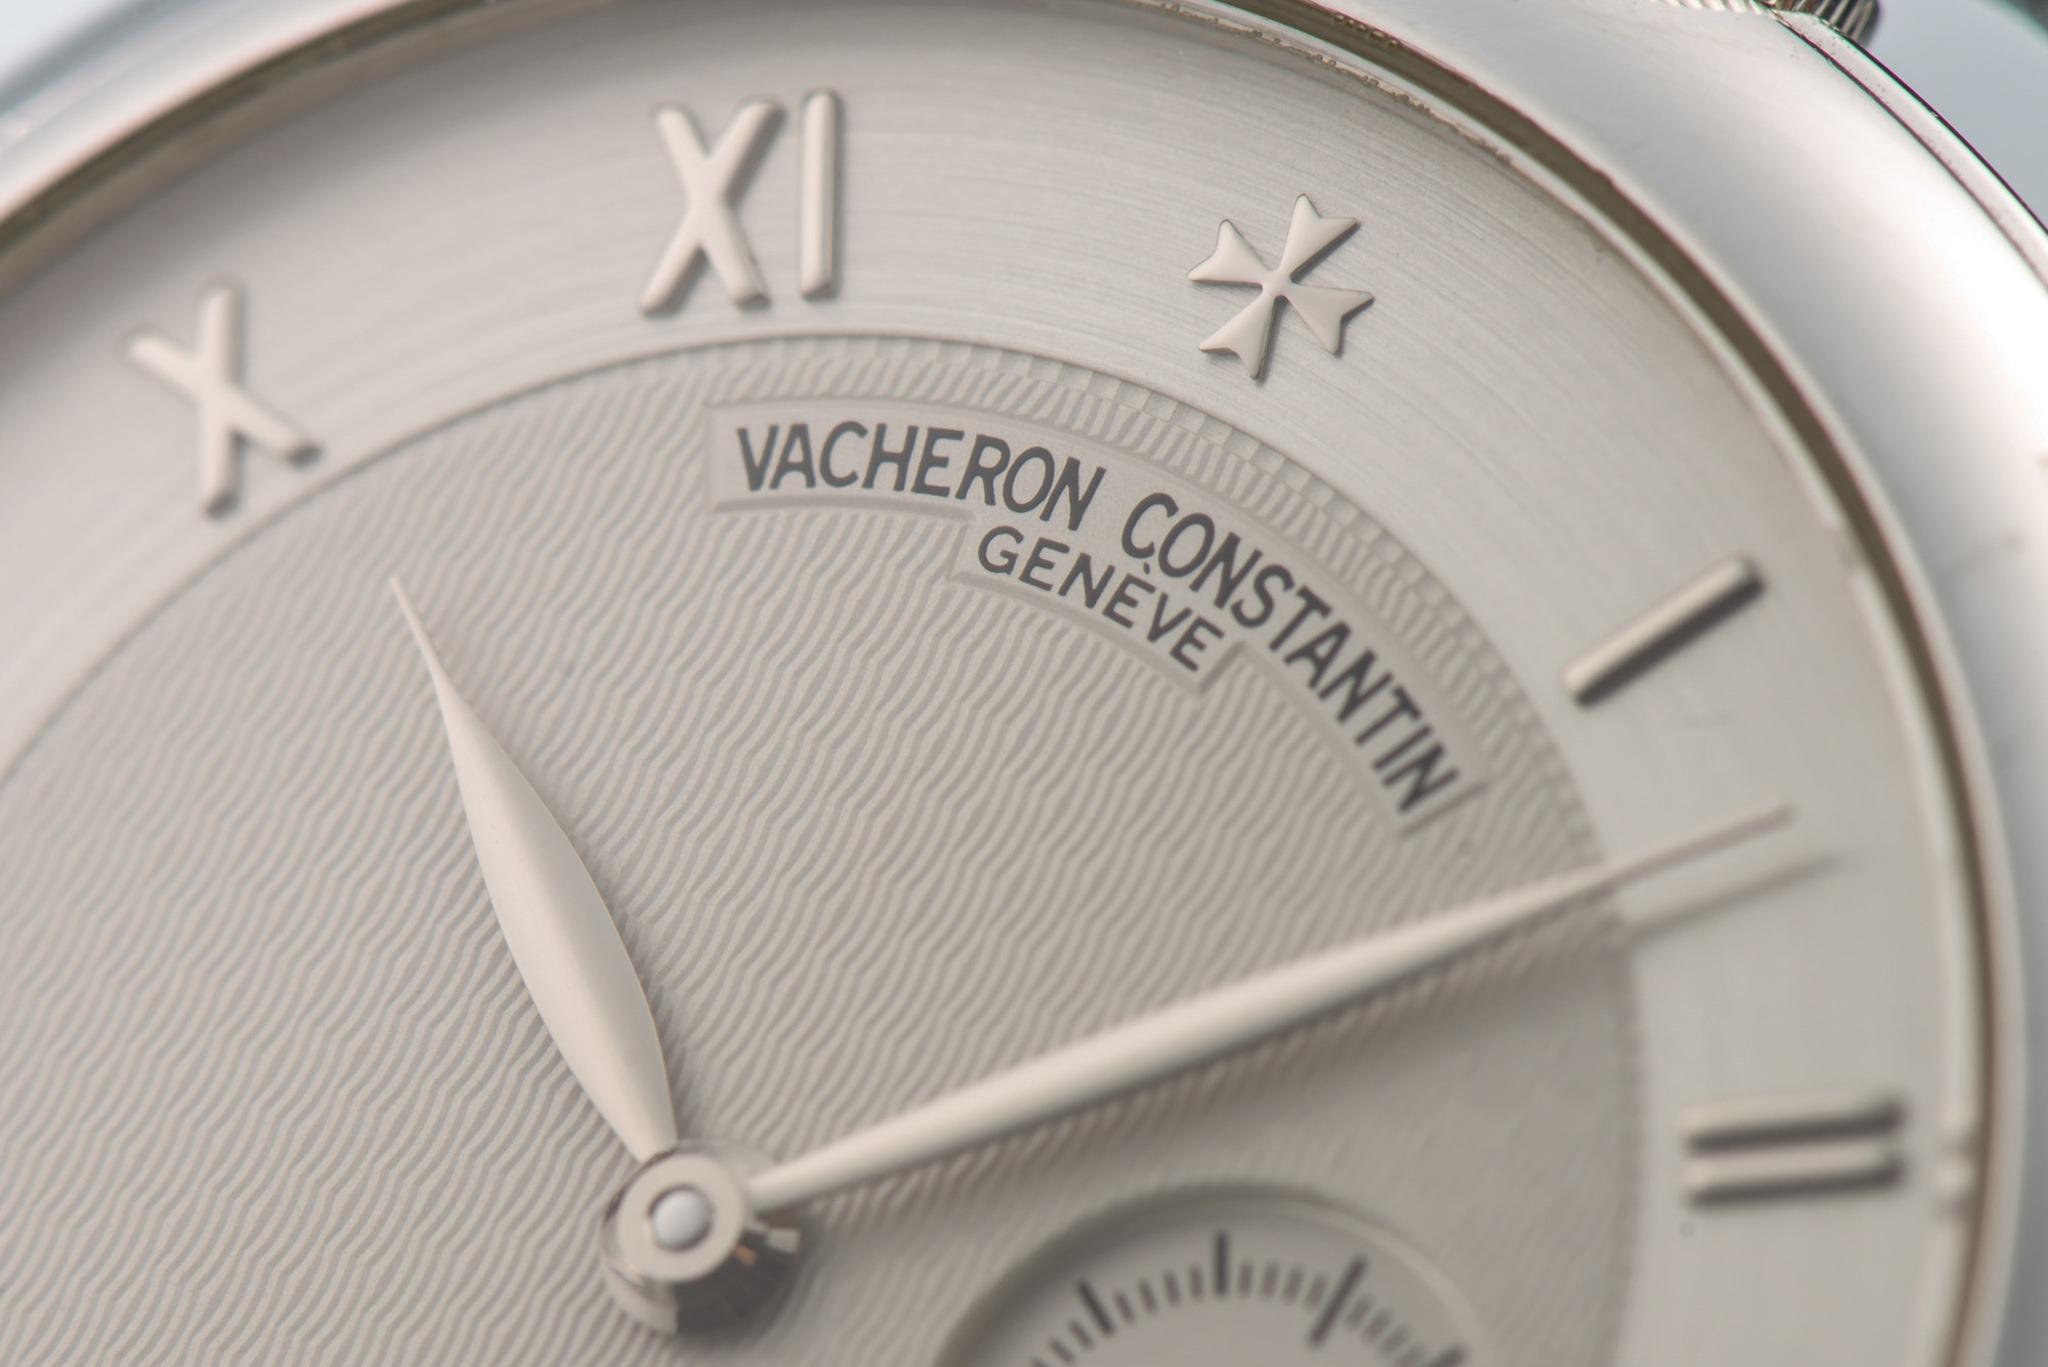 Antiquorum - Lot 358 : Vacheron Constantin, montre en or blanc avec remontoir à 12h